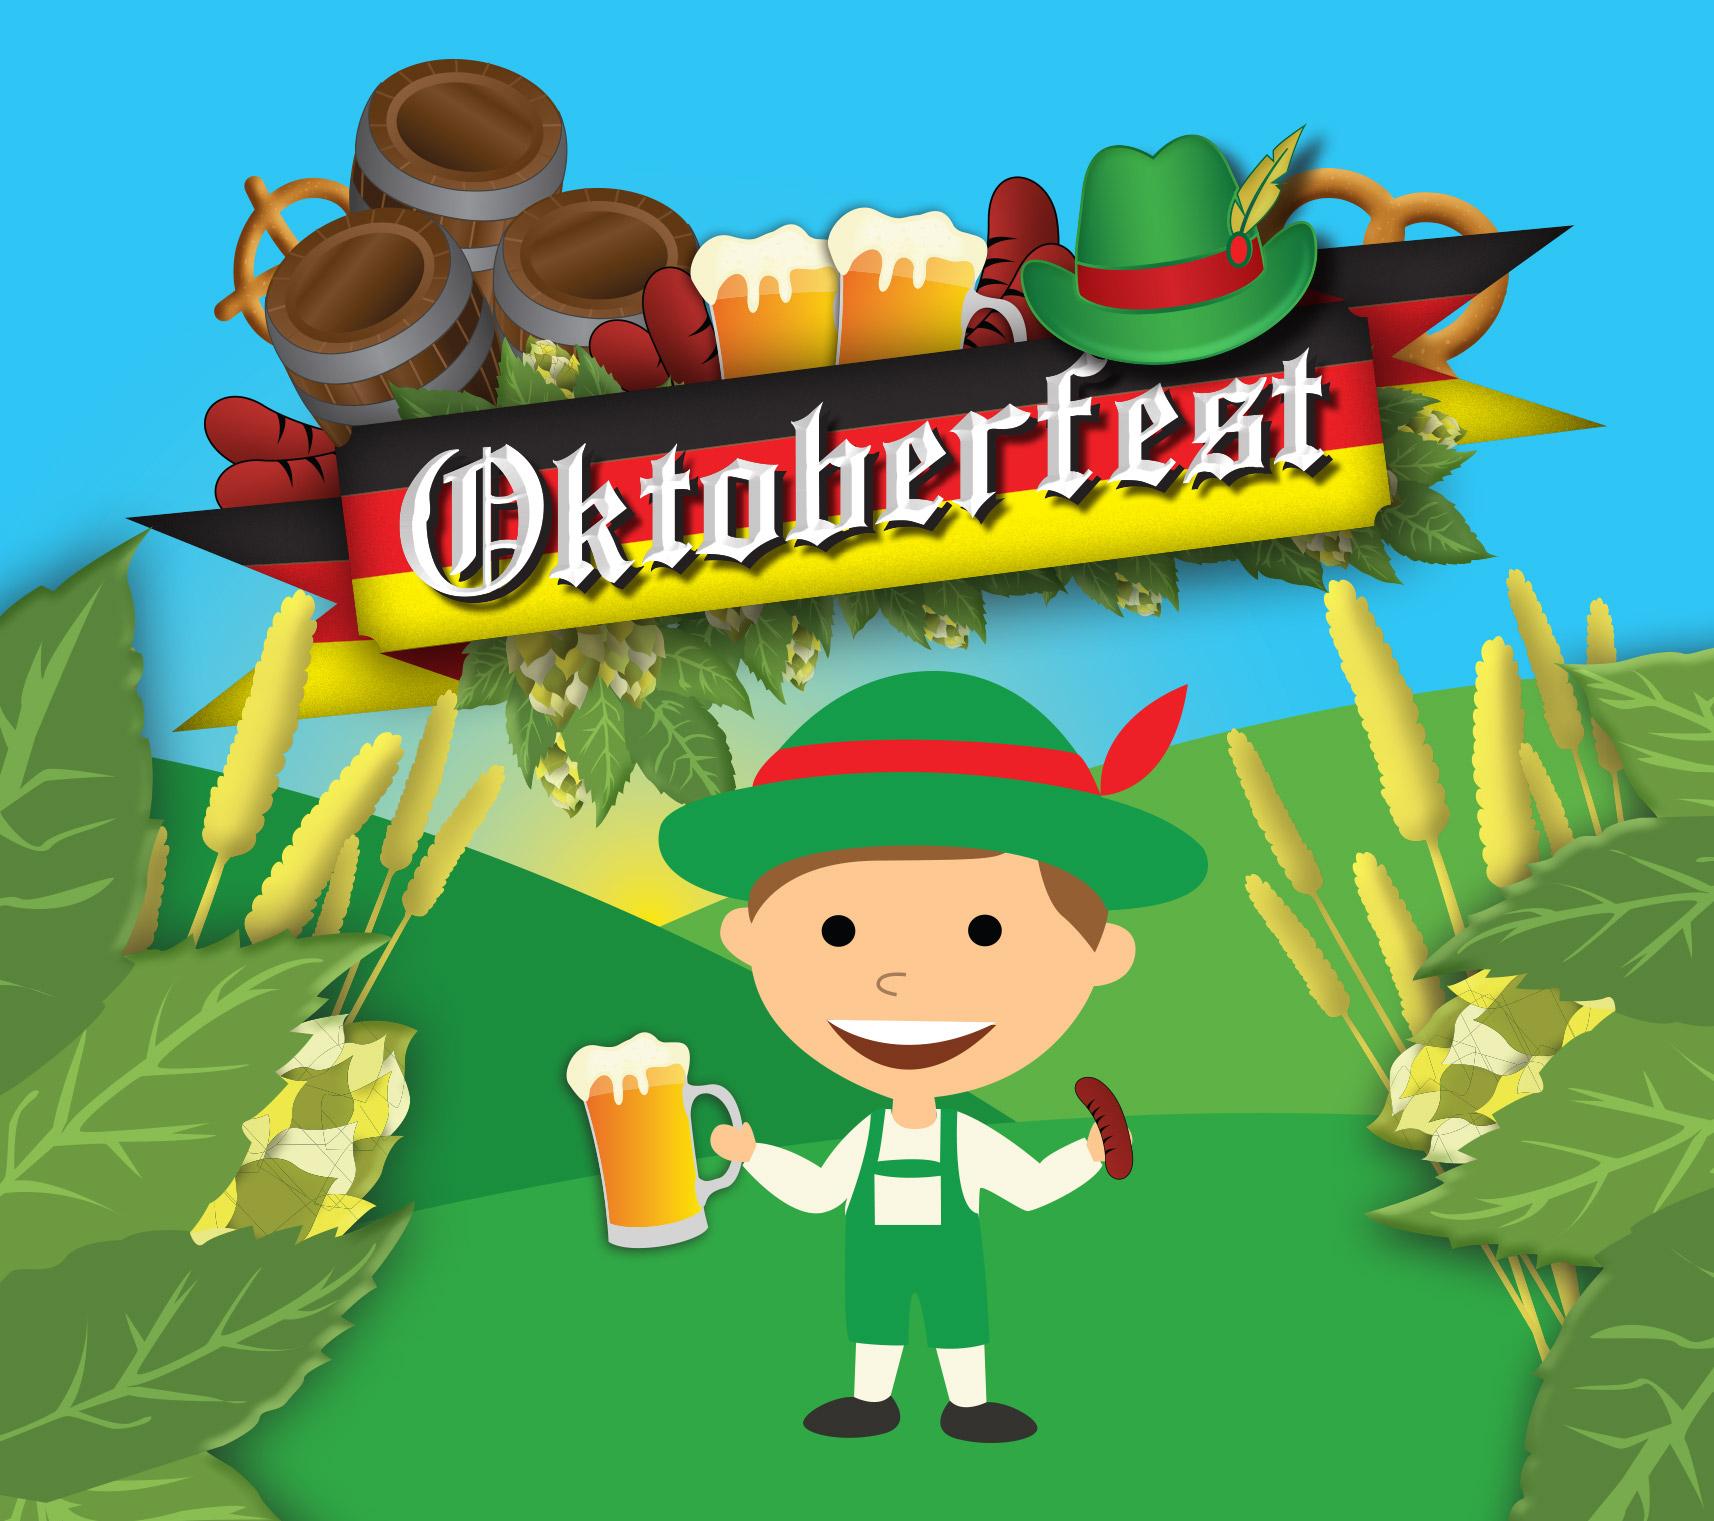 Oktoberfest at Cabin 401 Bar & Grill